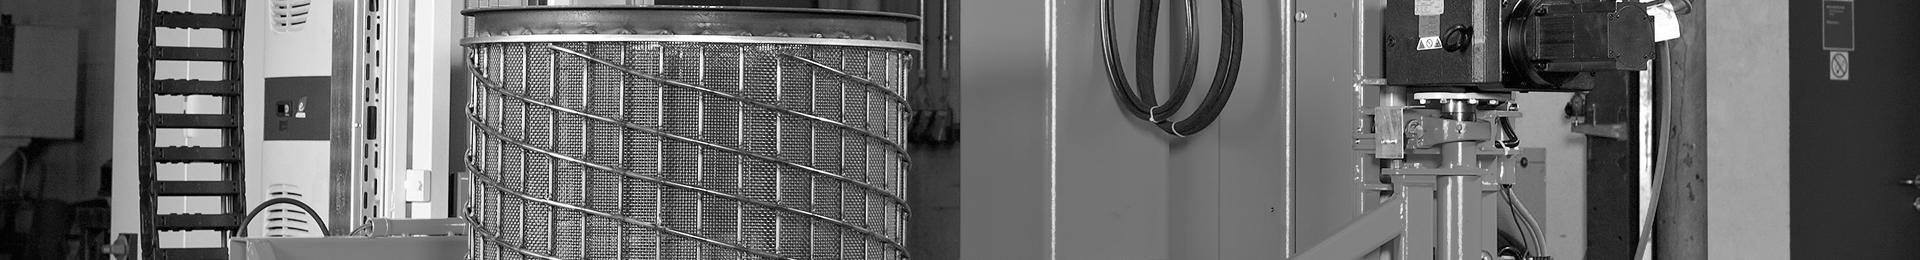 Exzellente Ergebnisse: Beschichtungsanlagen für Schüttgut_Headerbild